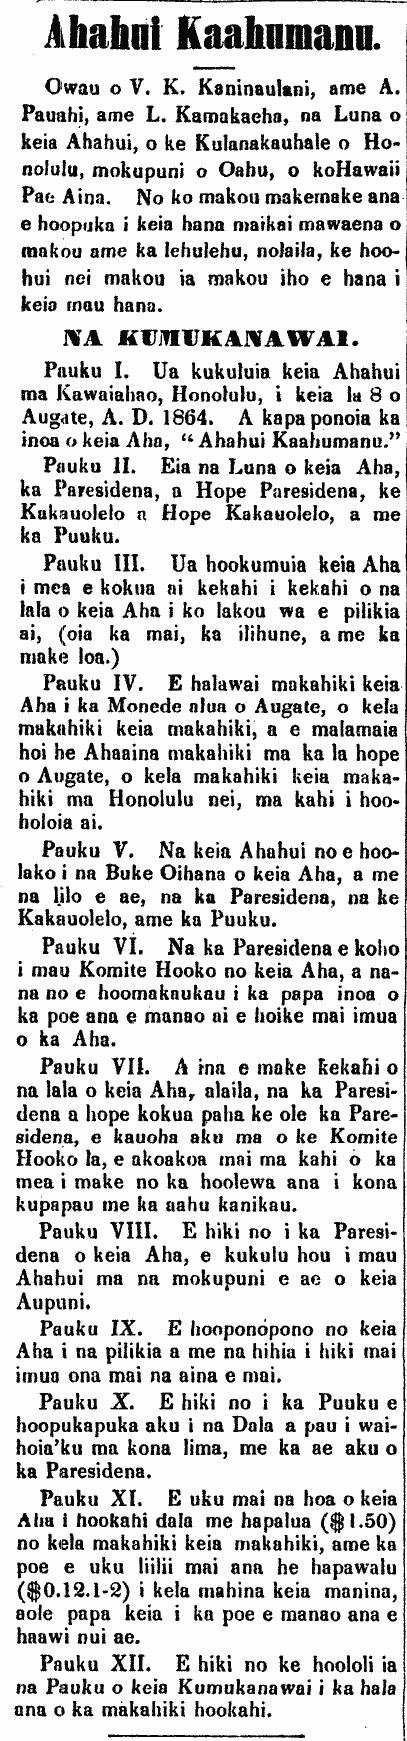 Ahahui Kaahumanu.